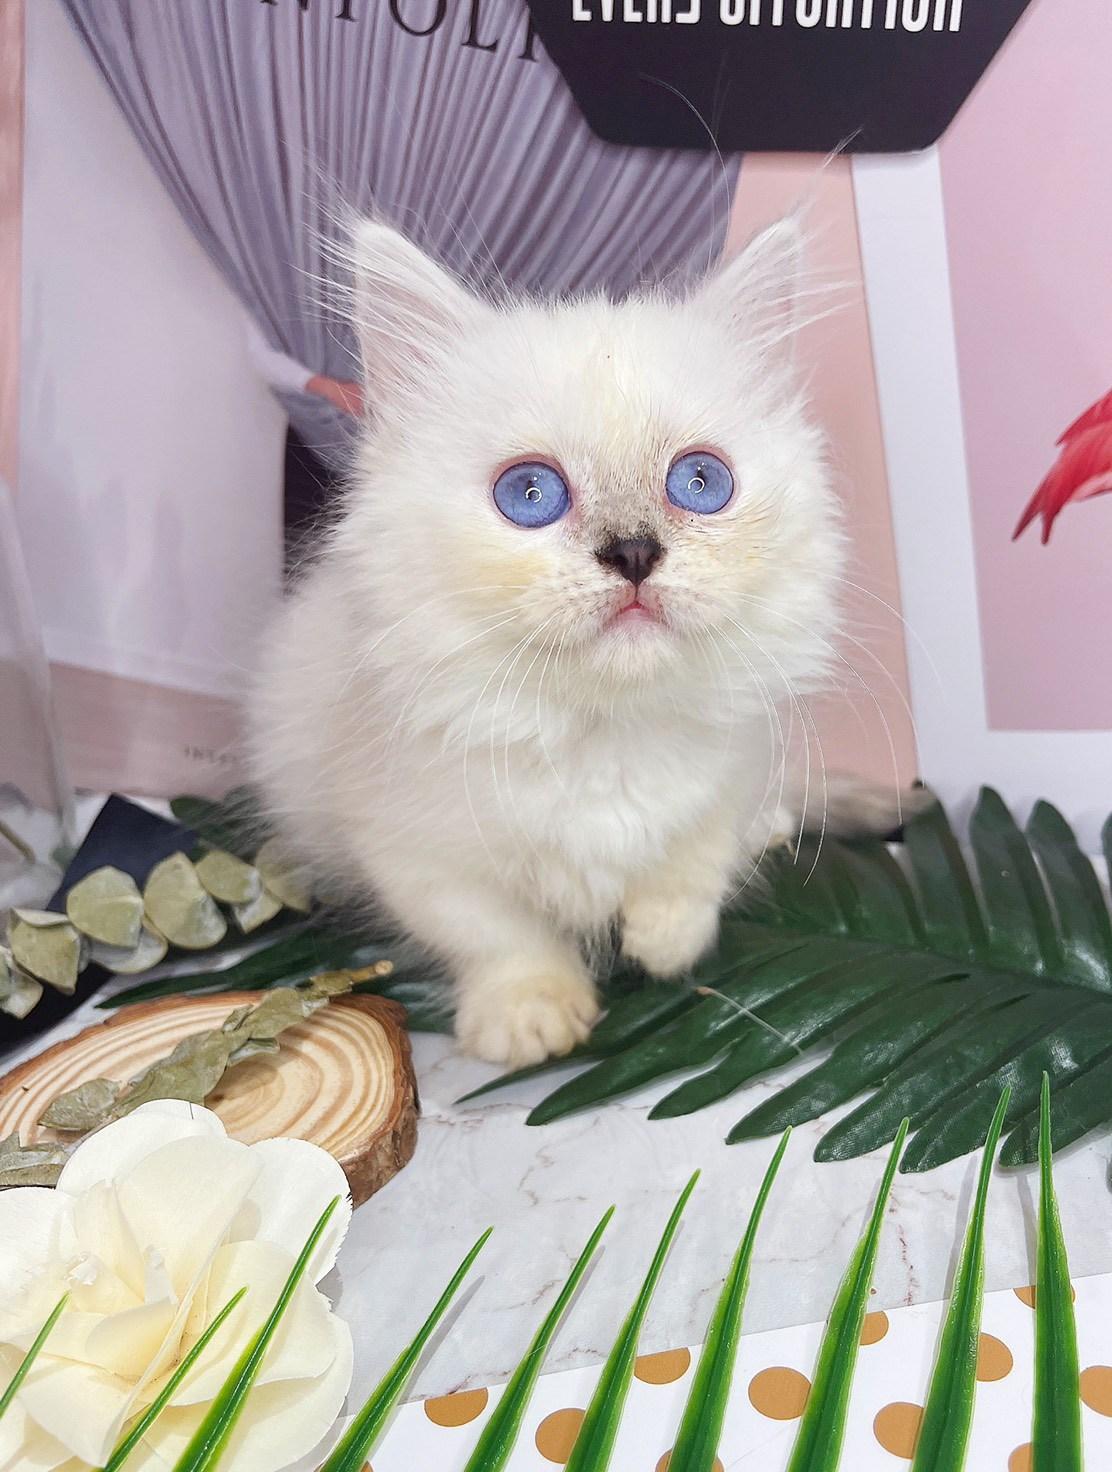 月亮糖糖喵樂園/重點色短腿貓